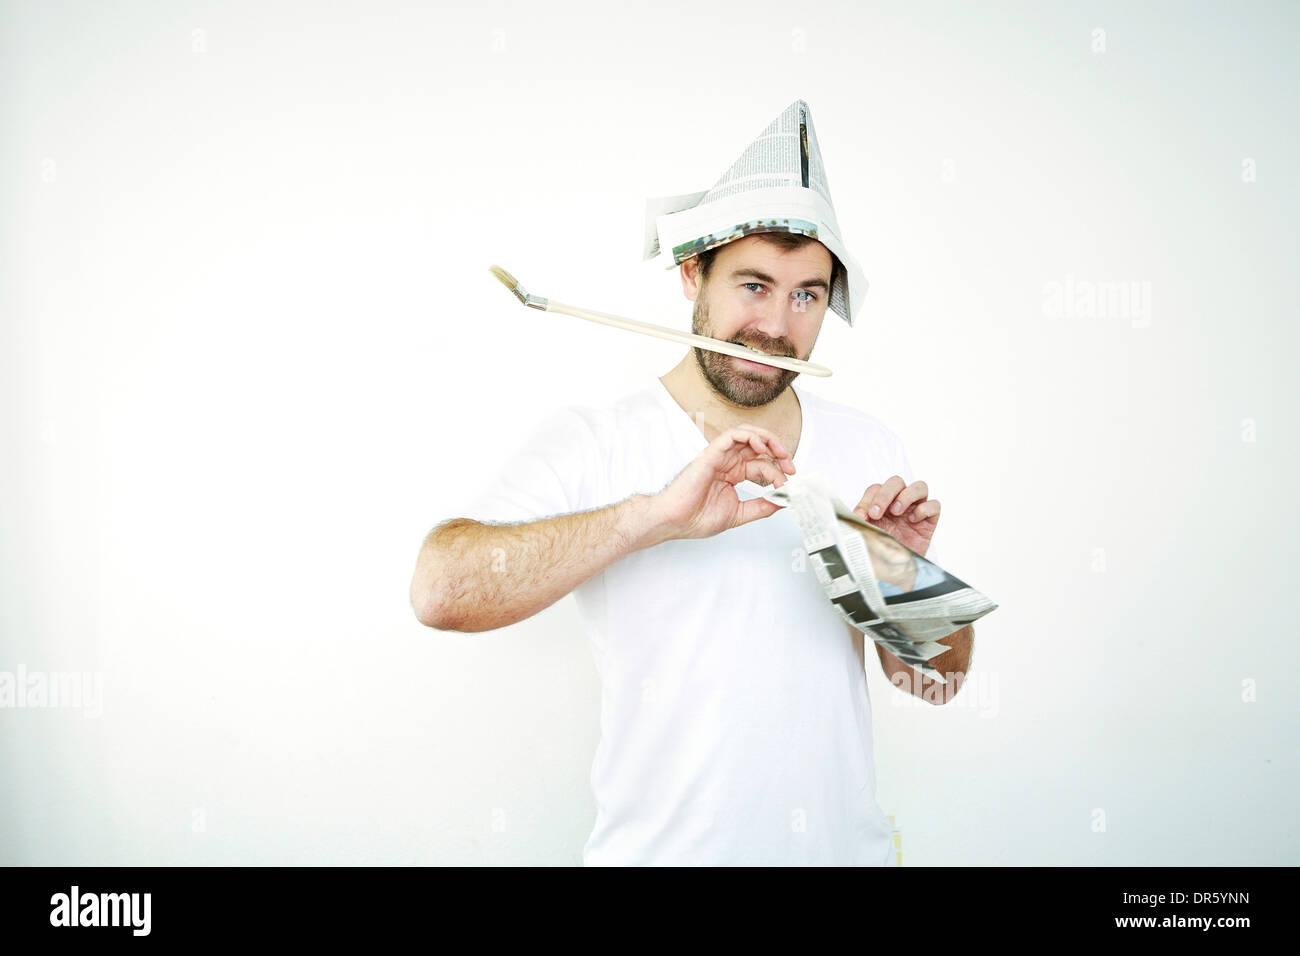 Mann mit Zeitung Hut Papierfaltens, München, Bayern, Deutschland Stockbild